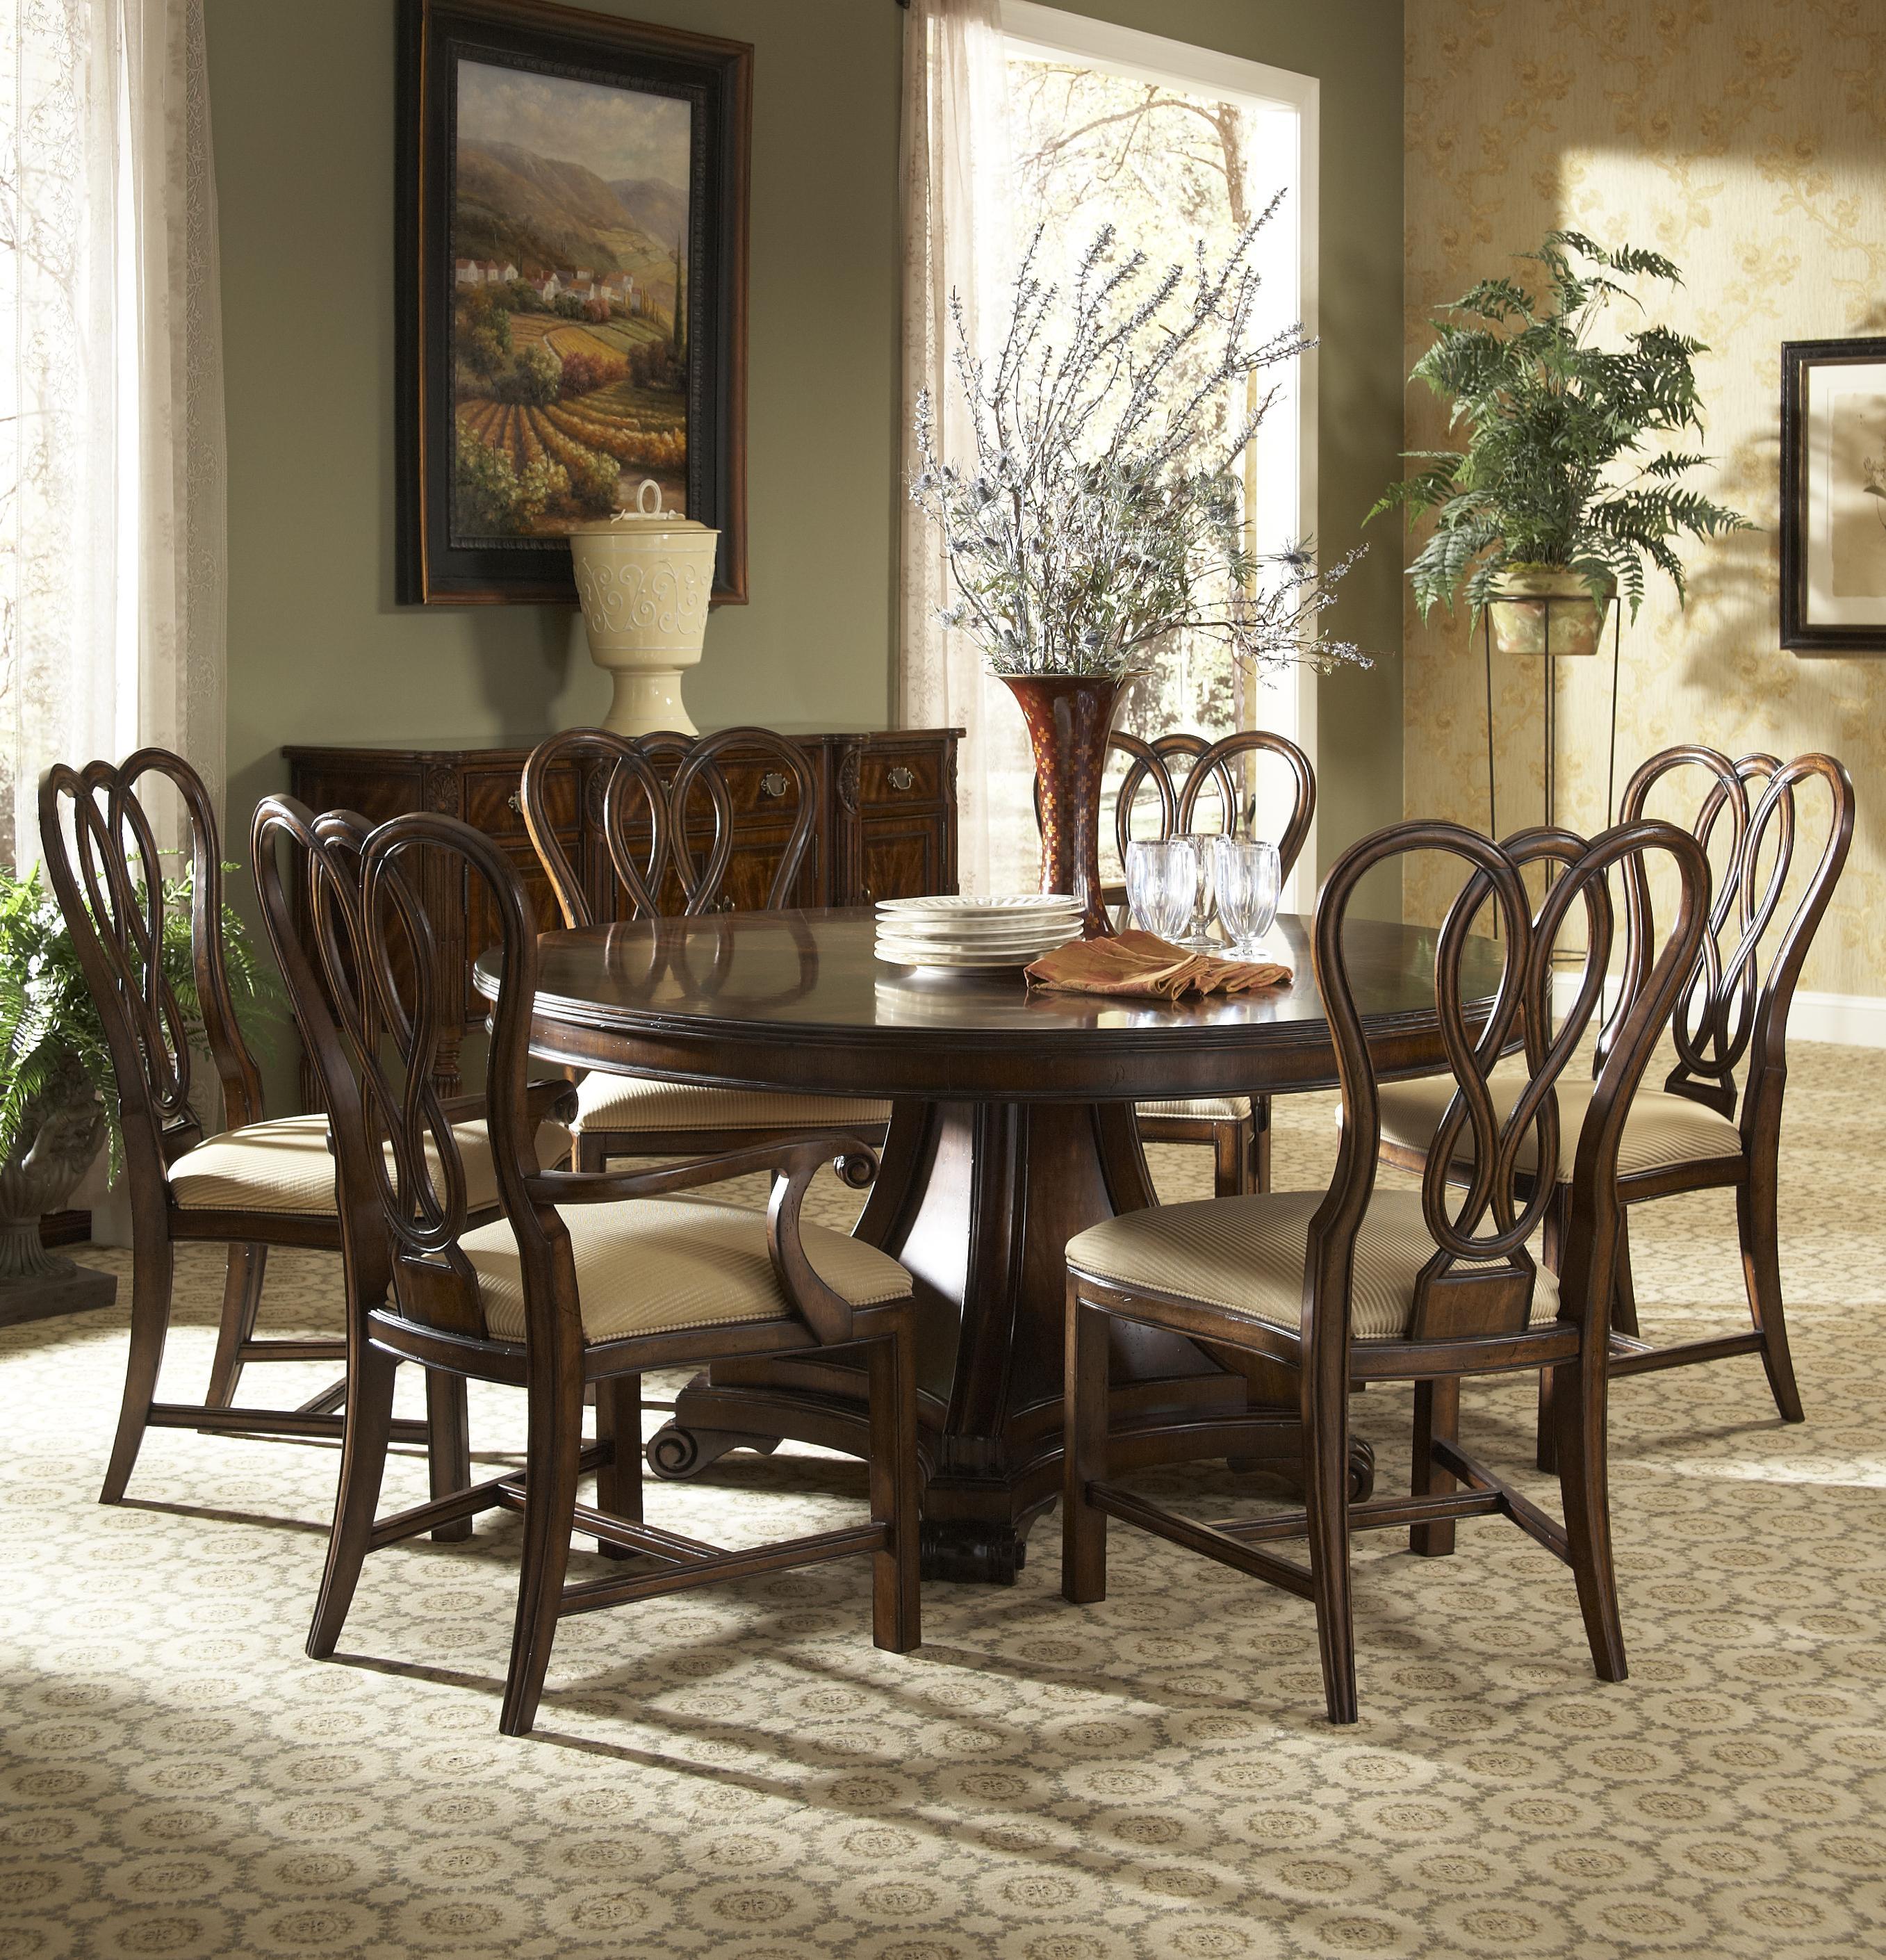 Fine Dining Room Tables: Fine Furniture Design Dining Room